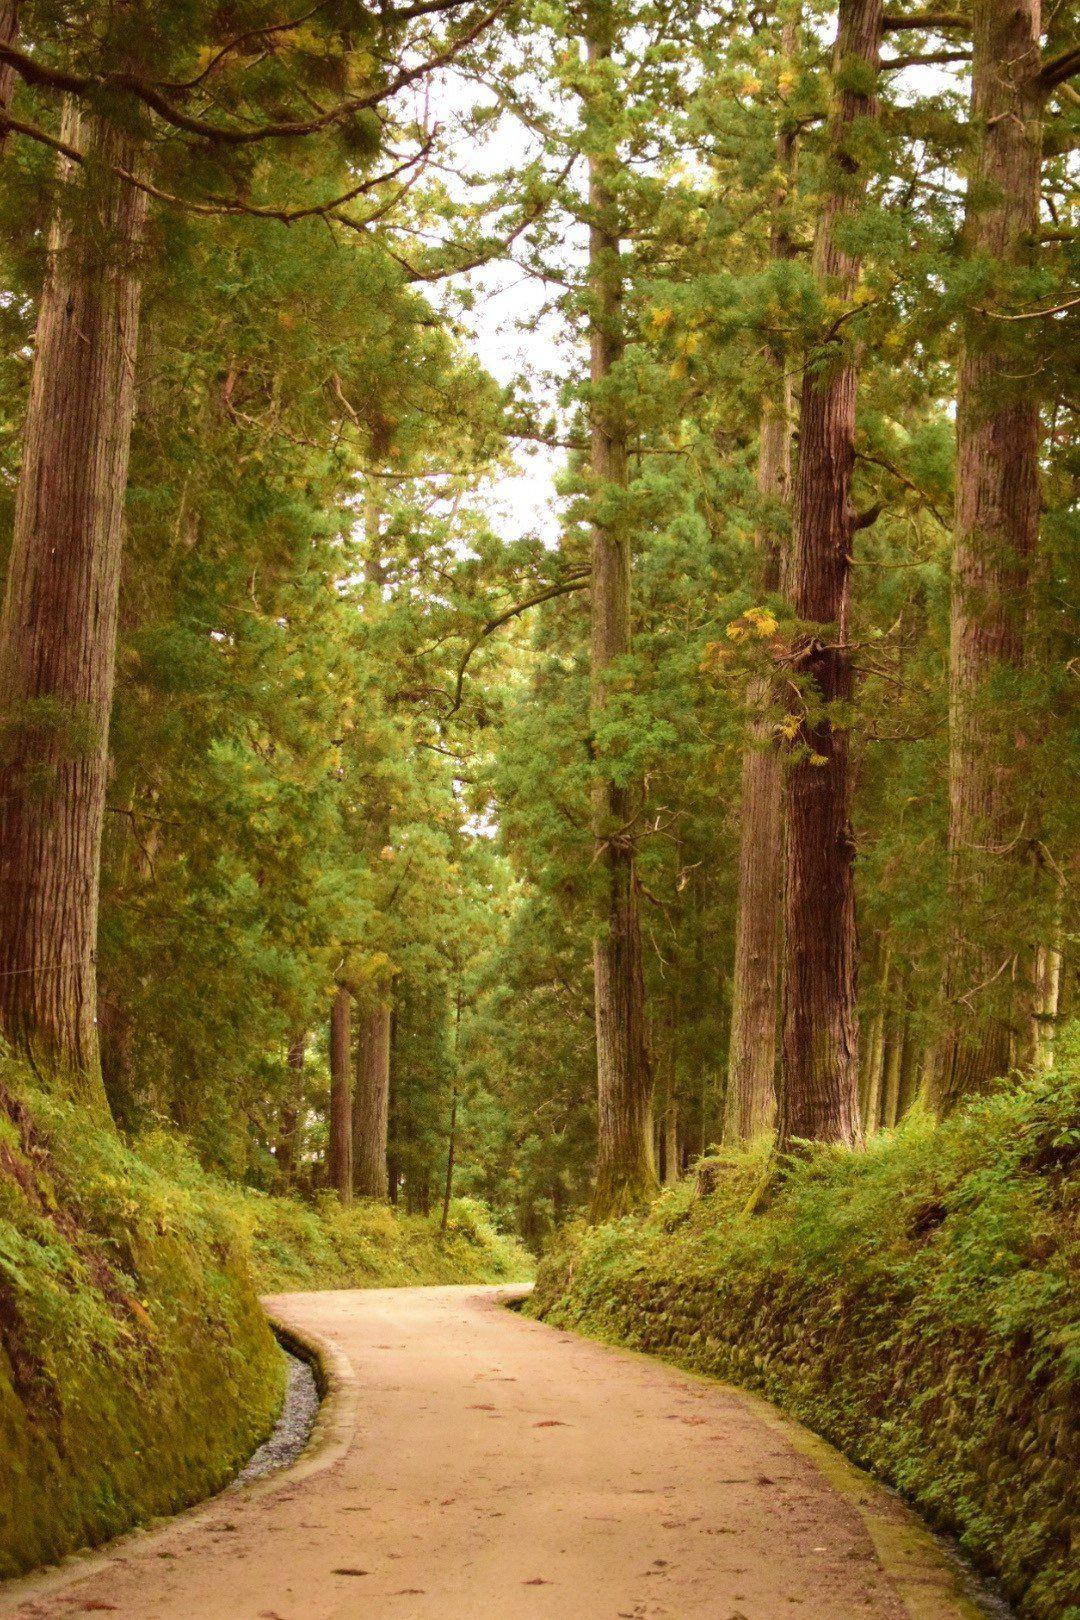 吉尼斯世界纪录 世界最长的并木道